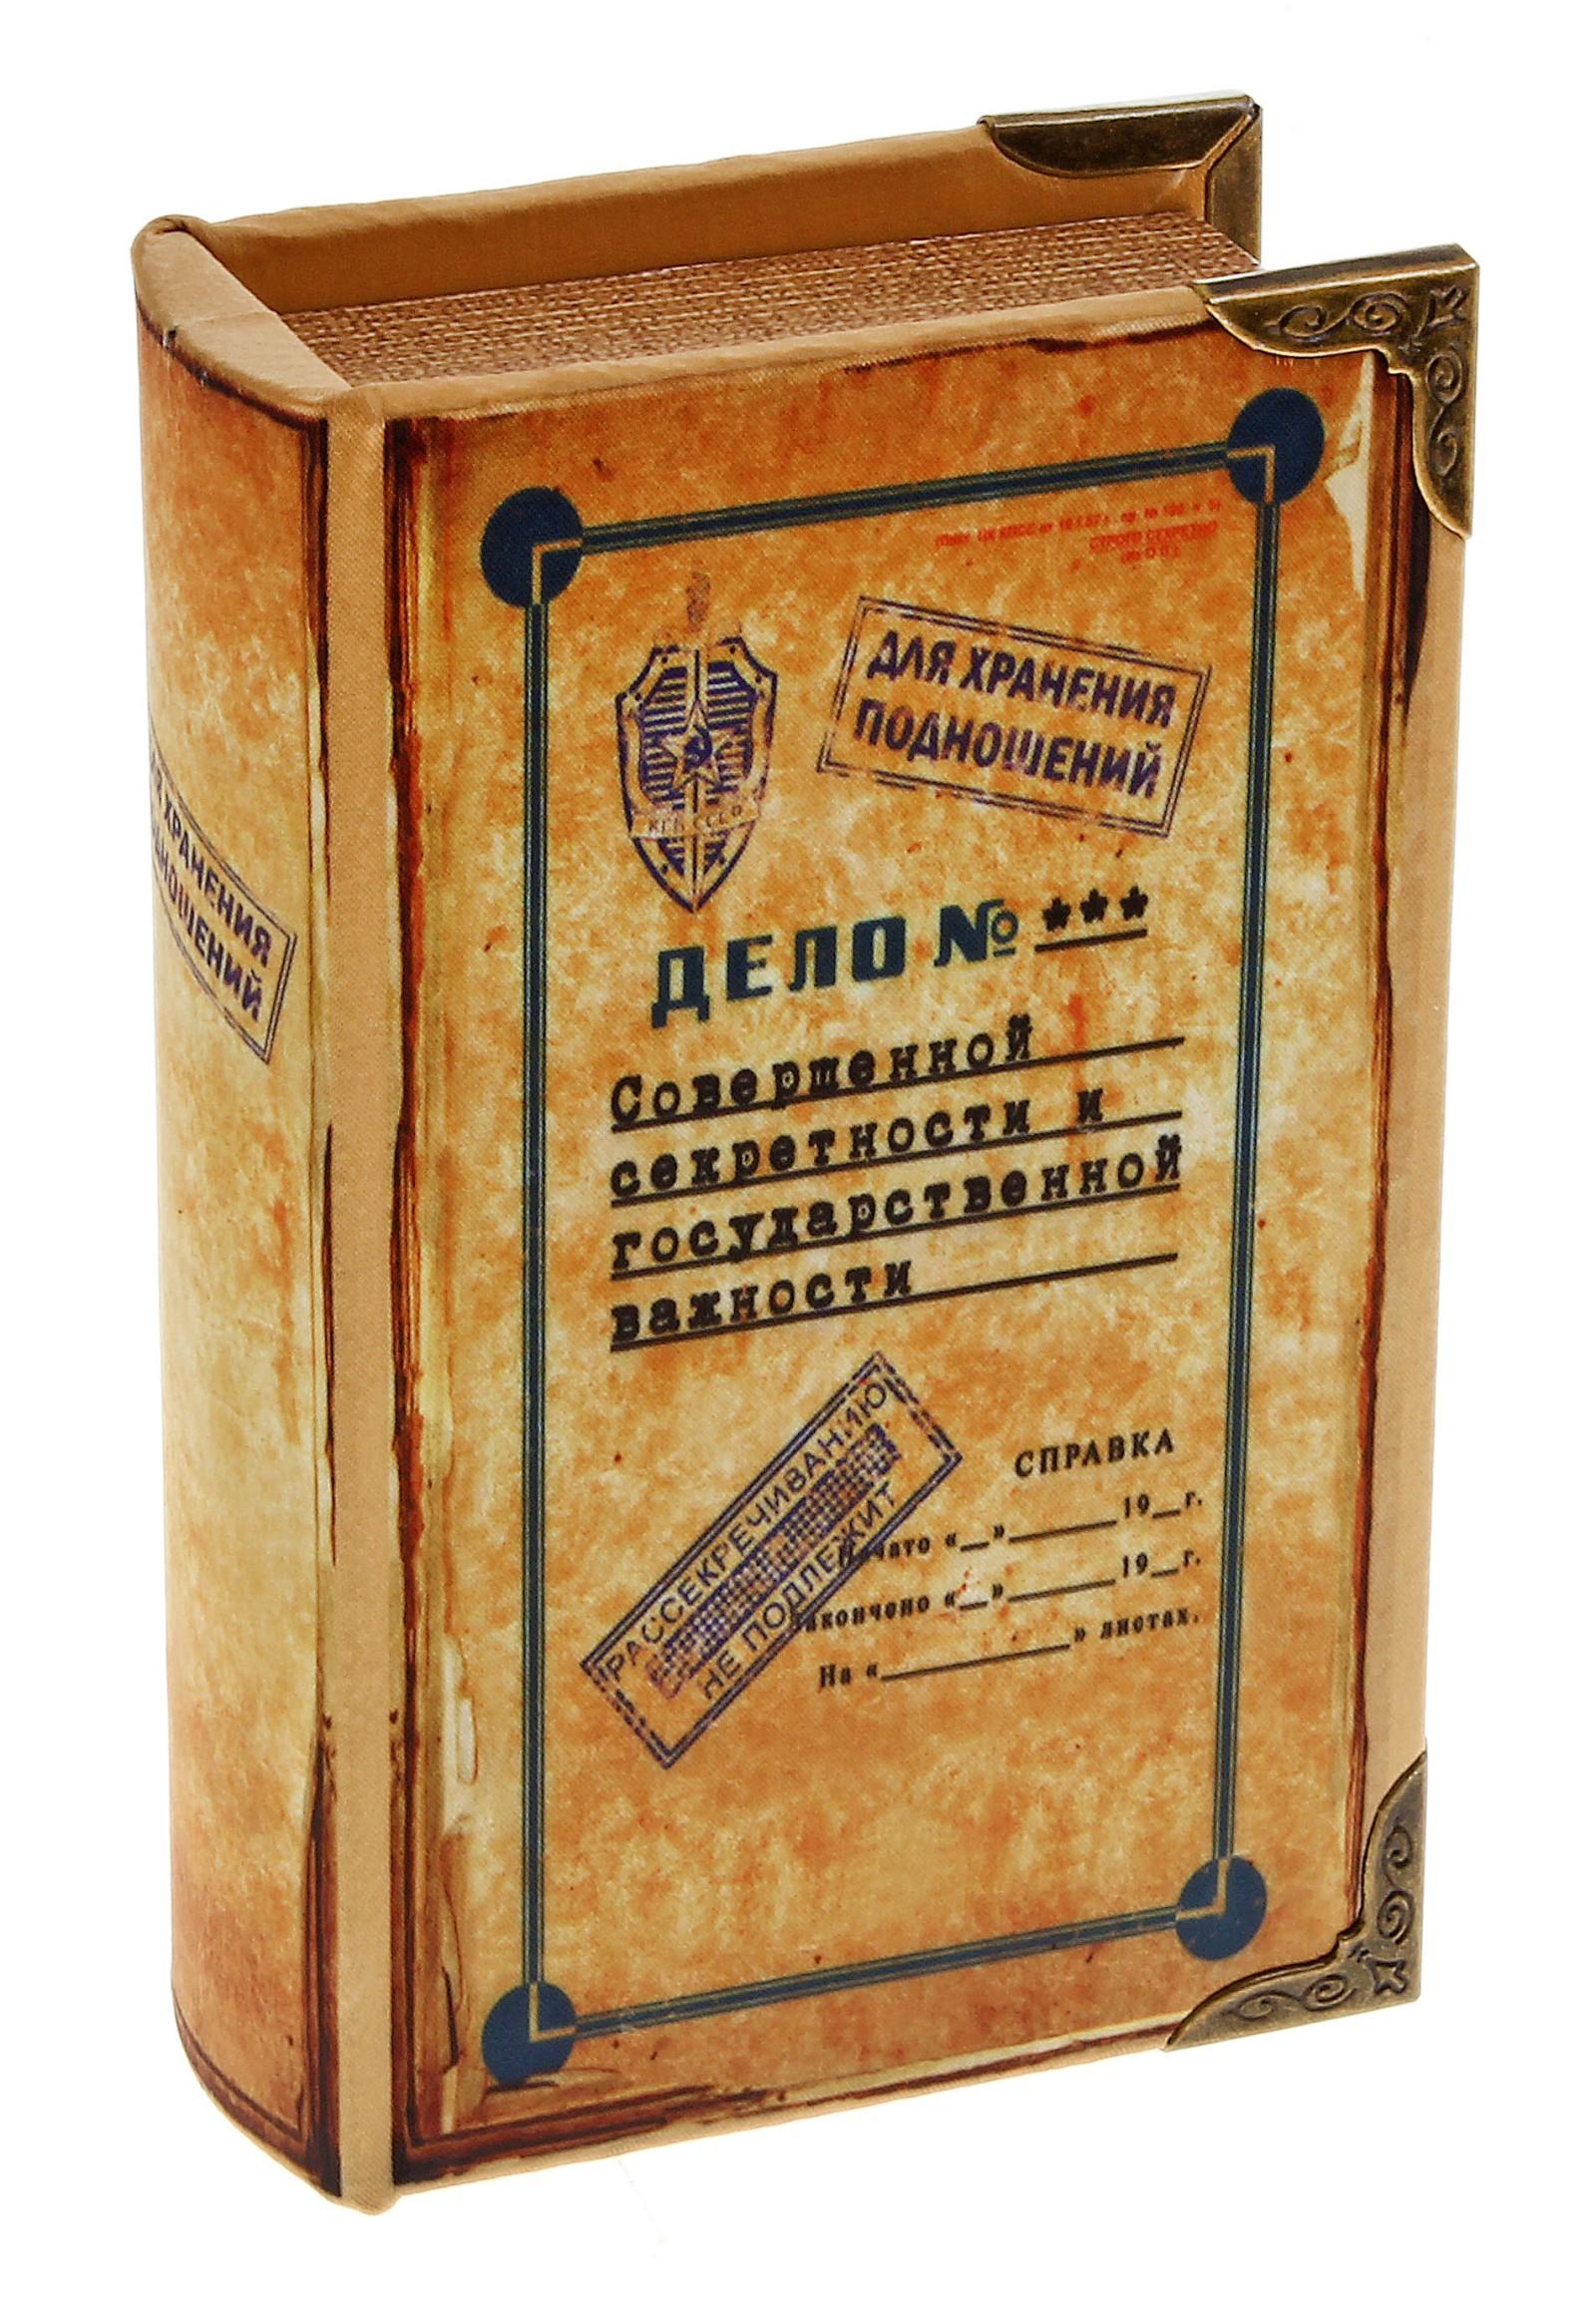 Шкатулка-книга Дело совершенной секретности480425Шкатулка-книга Дело совершенной секретности, изготовленная из дерева и обтянутая шелком - отличный подарок, подчеркивающий яркую индивидуальность того, кому он предназначается. Такая шкатулка может использоваться в качестве сейфа, украшения интерьера или для хранения важных мелочей. Характеристики: Материал: дерево, шёлк. Цвет: коричневый. Размер шкатулки (в закрытом виде): 17 см х 11 см х 5 см. Размер упаковки: 18 см х 12 см х 6 см. Артикул: 480425.